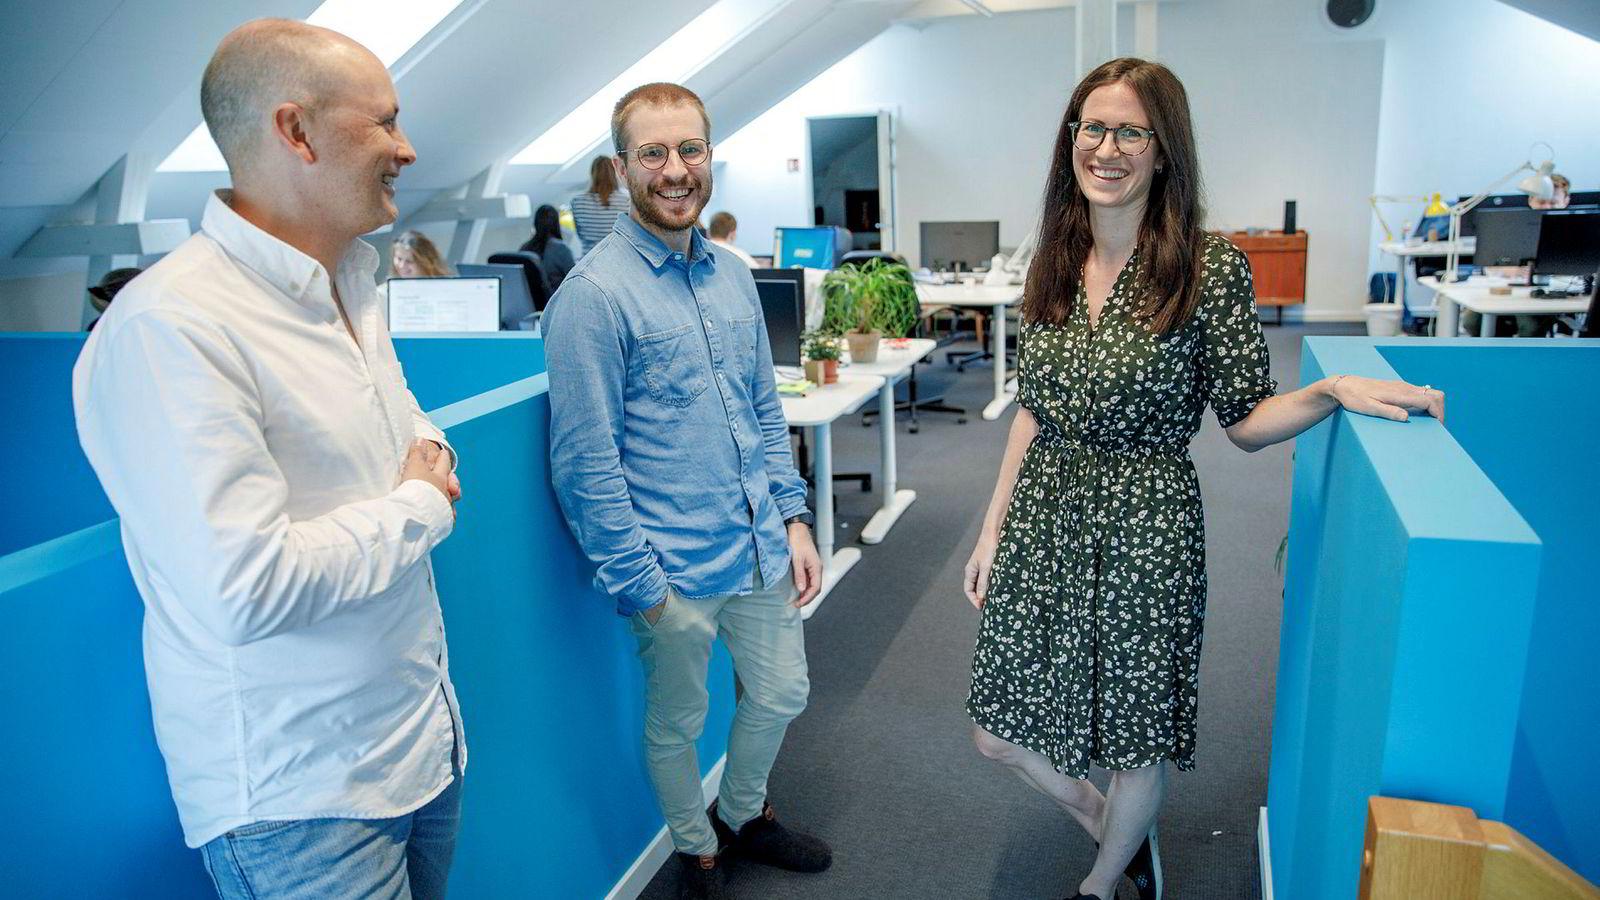 Inzpire.me får med Schibsted på laget og verdsettes til 91,6 millioner. Fra venstre: Christian Horn Hanssen, investeringsansvarlig i Schibsted, Marie Mostad, gründer Inzpire.me og Mats Lyngstad, gründer Inzpire.me